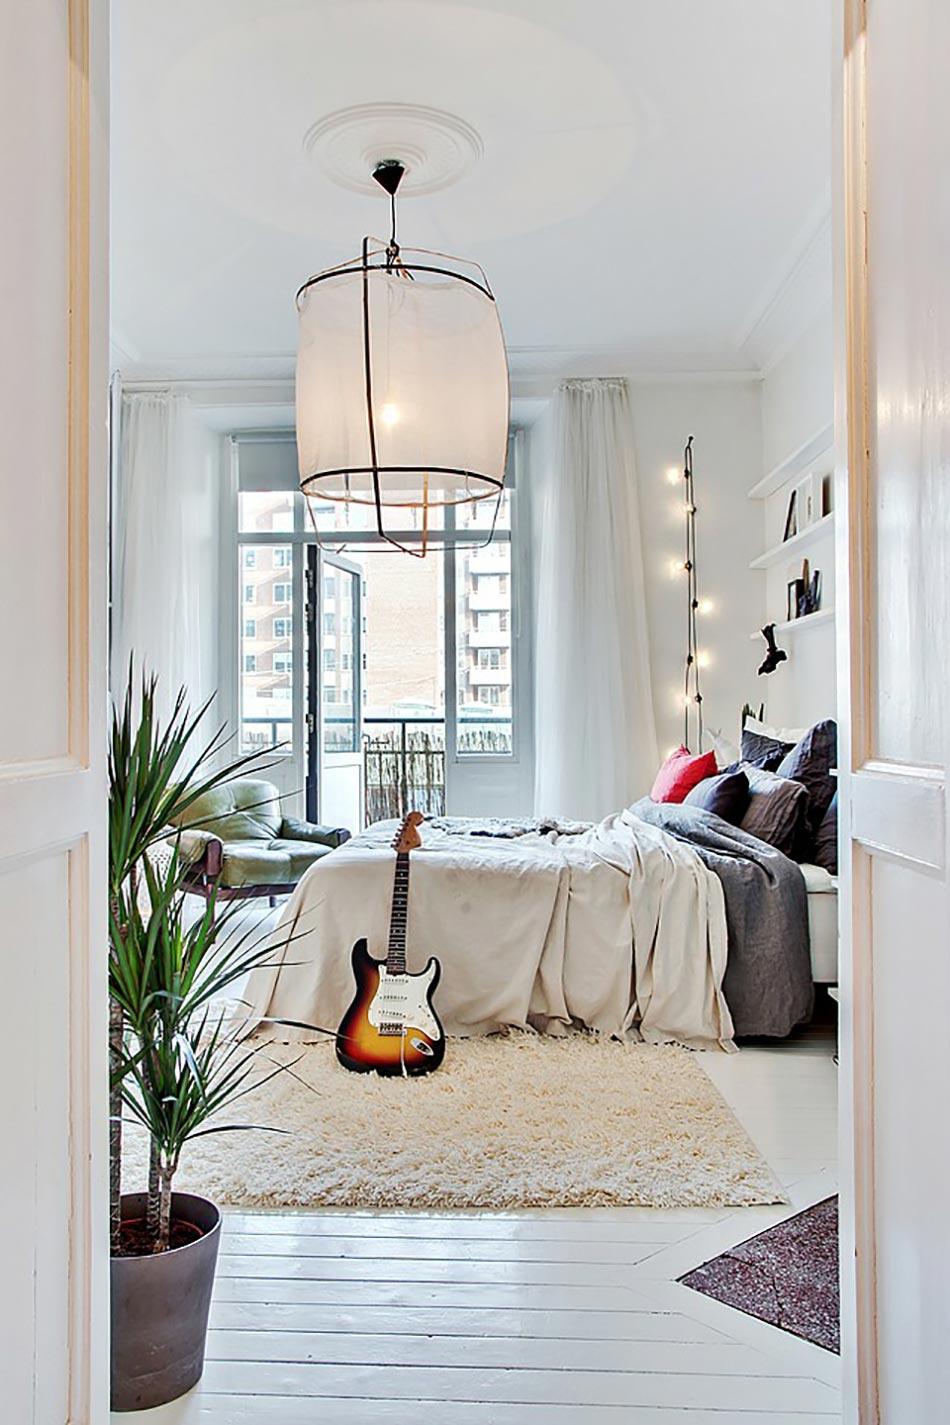 Une d coration d int rieur inspir e par la musique for Decoration interieure chambre a coucher